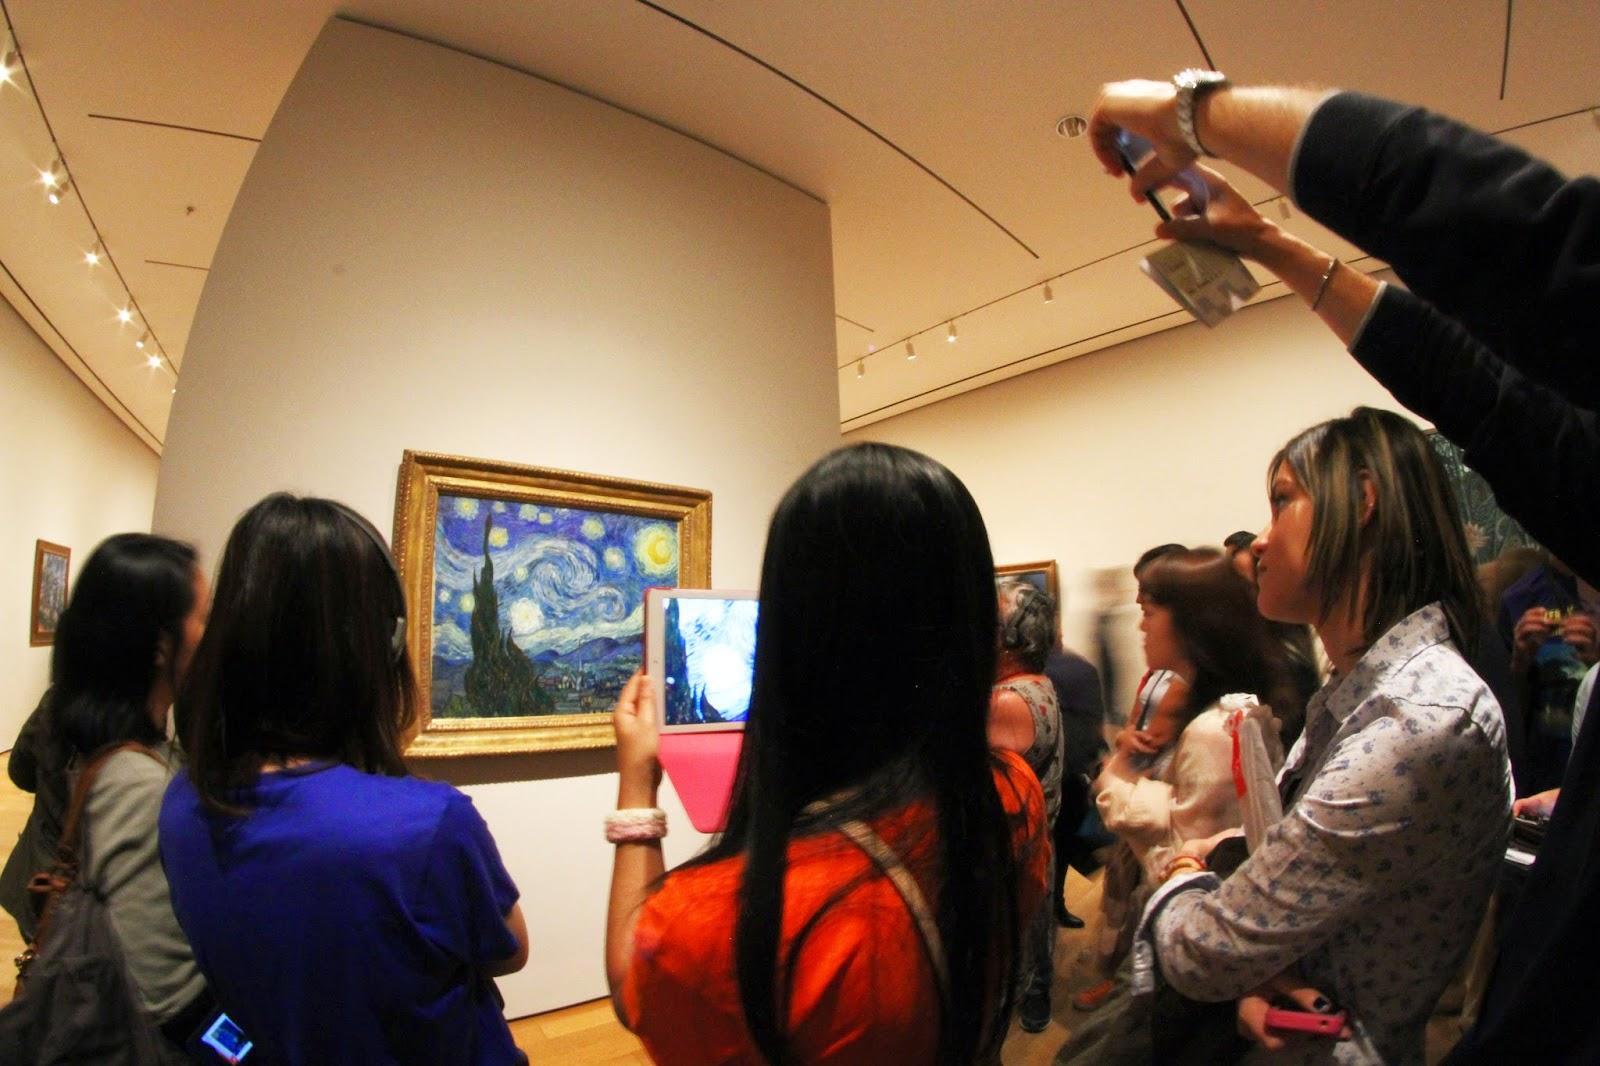 Os melhores museus nos EUA para ver as obras de VAN GOGH | Na rota do Van Gogh nos EUA